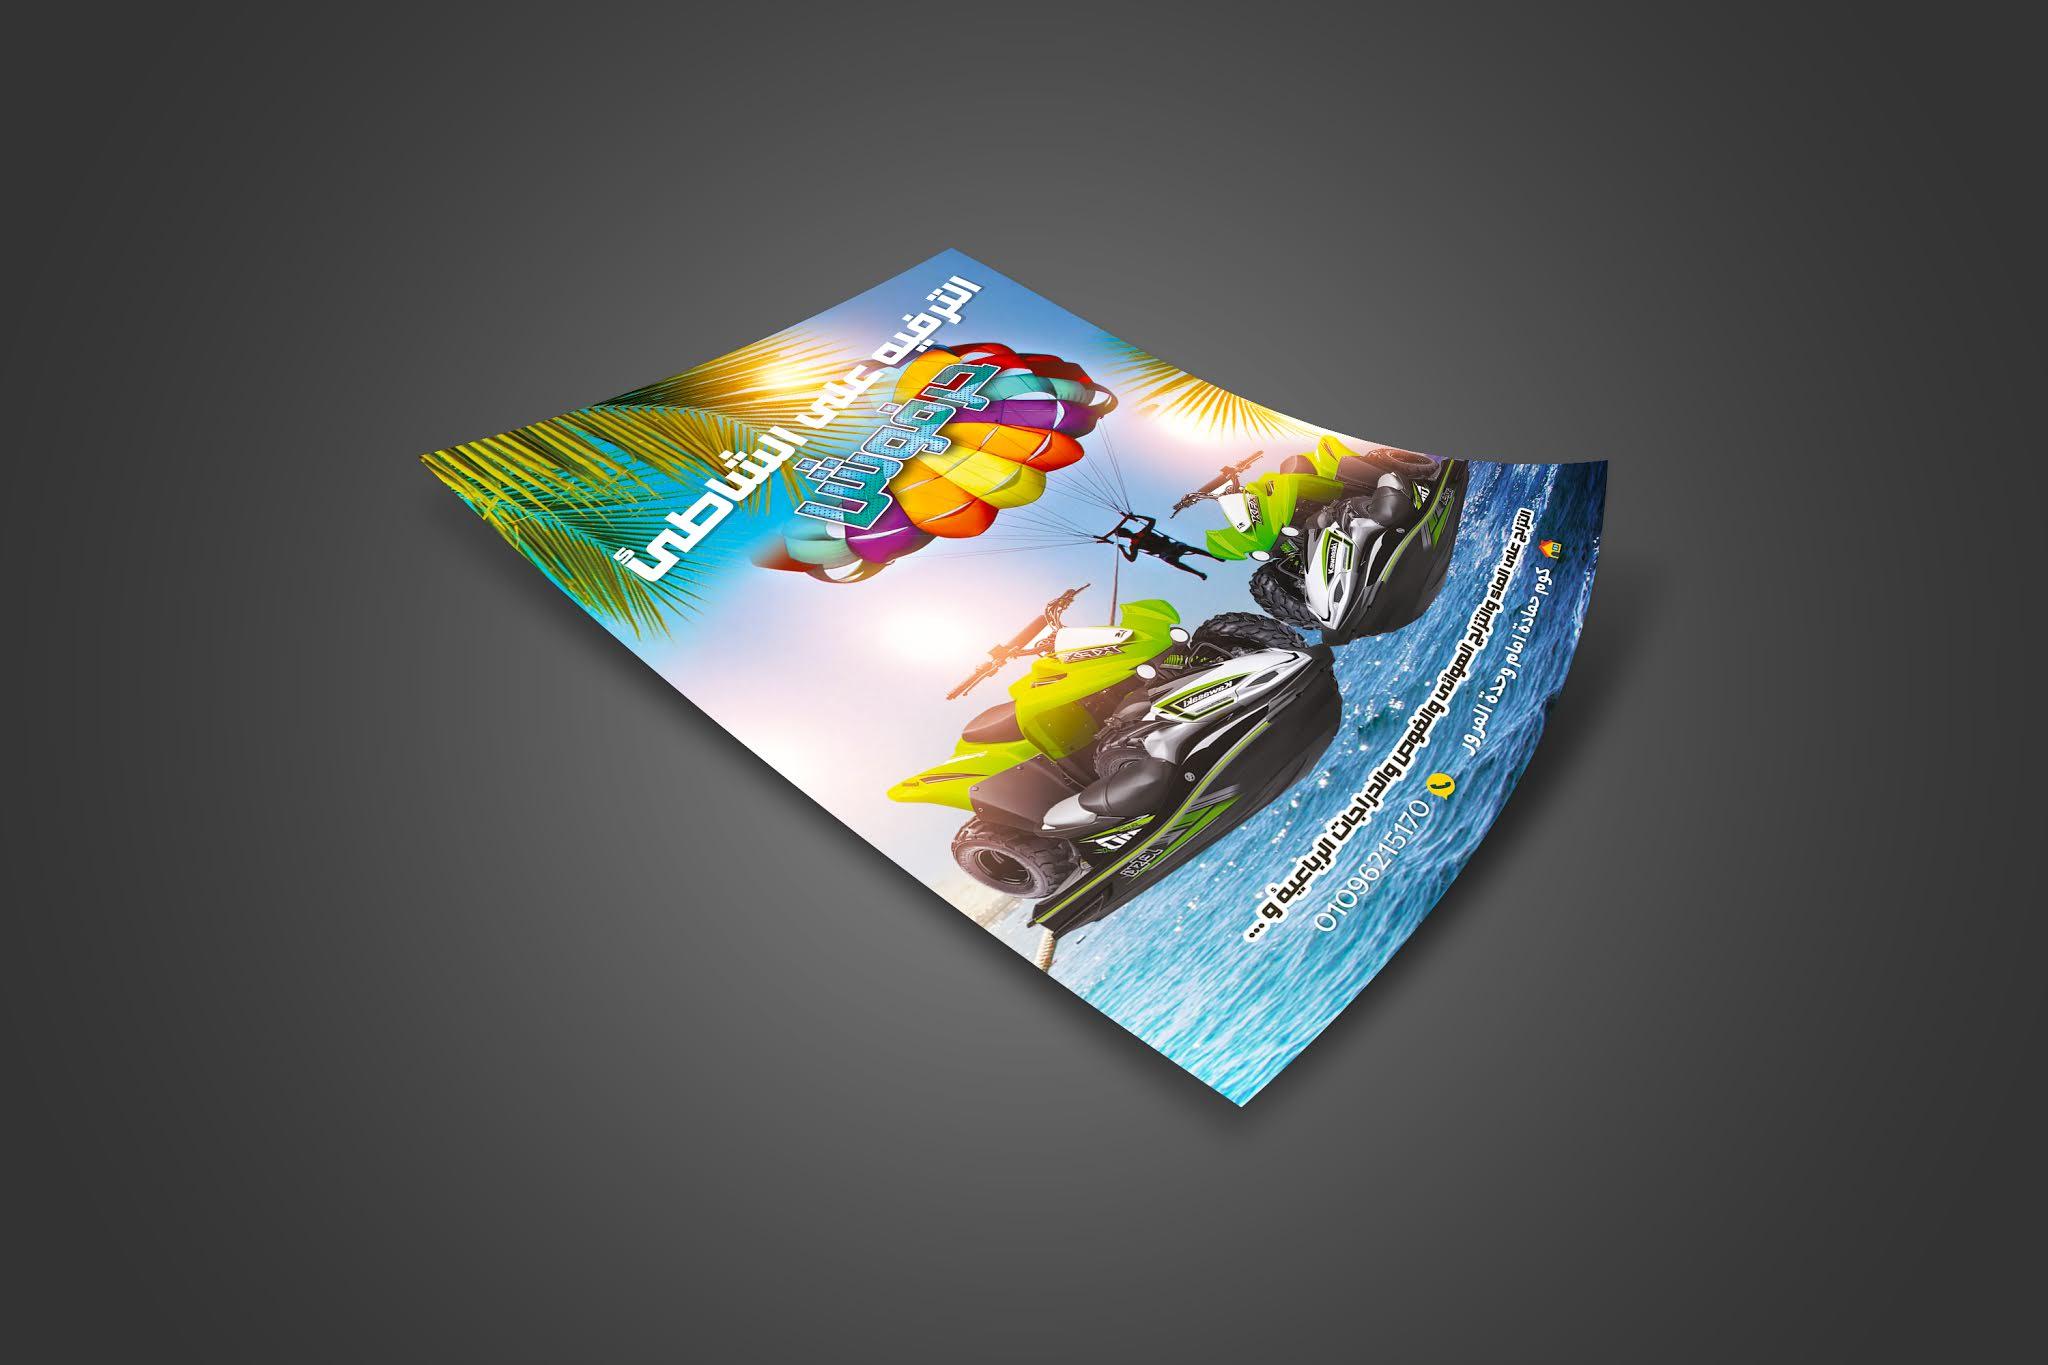 تصميم psd فلاير احترافى خاص ببيع معدات السباحة والغوص والشواطئ